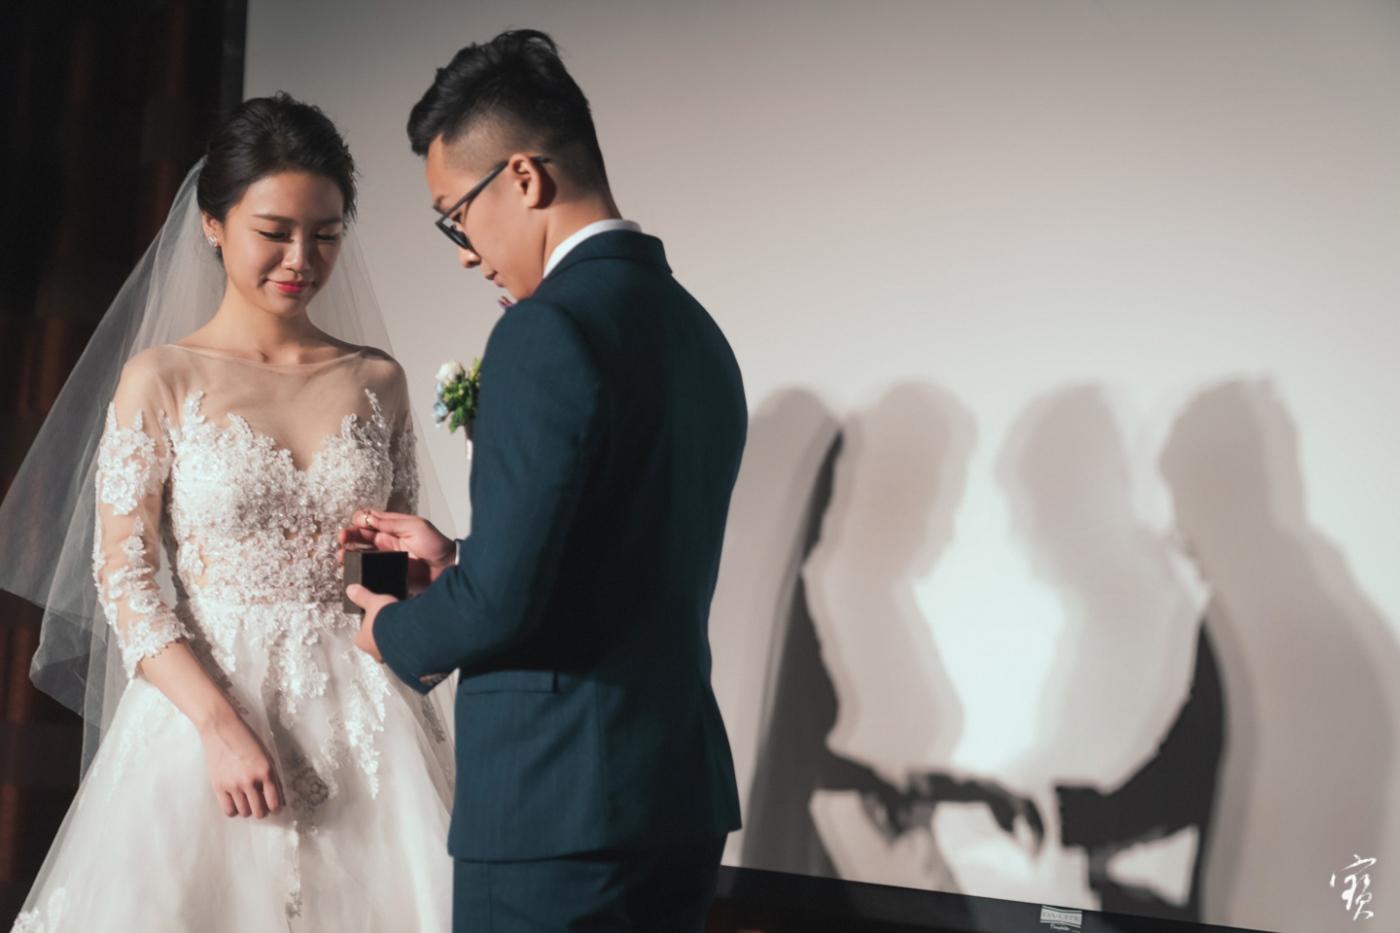 婚禮攝影 婚紗 大直 典華 冬半影像 攝影師大寶 北部攝影 台北攝影 桃園攝影 新竹攝影20181208-351